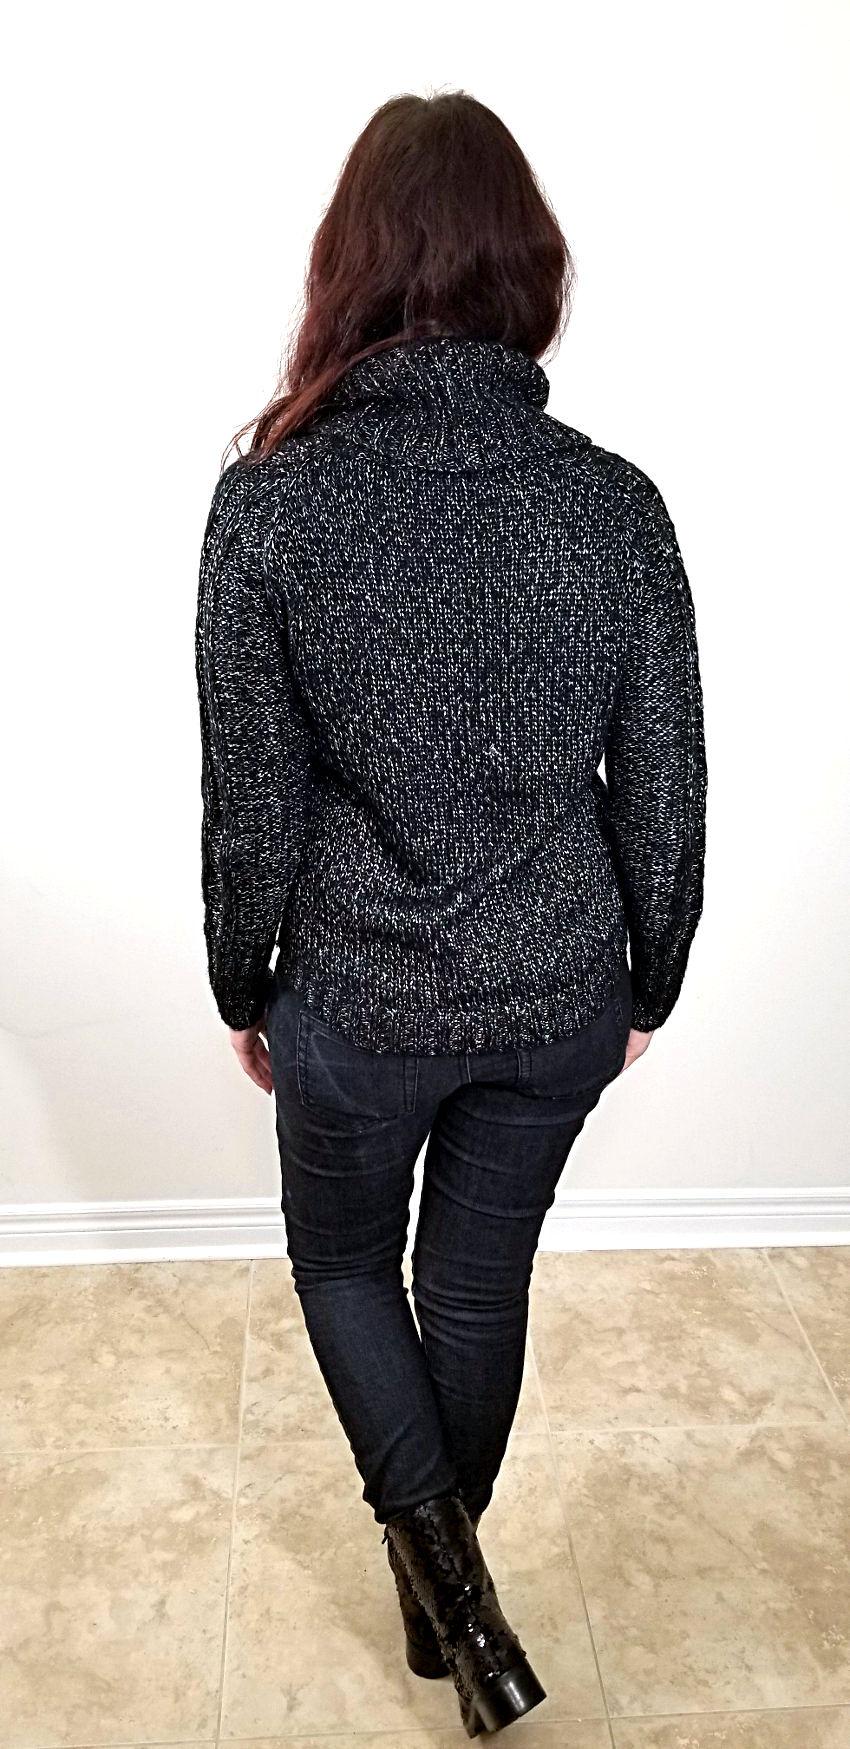 Polar Bear Style Monochrome Black Turtleneck Black Jeans Black Sequin Combat Boots